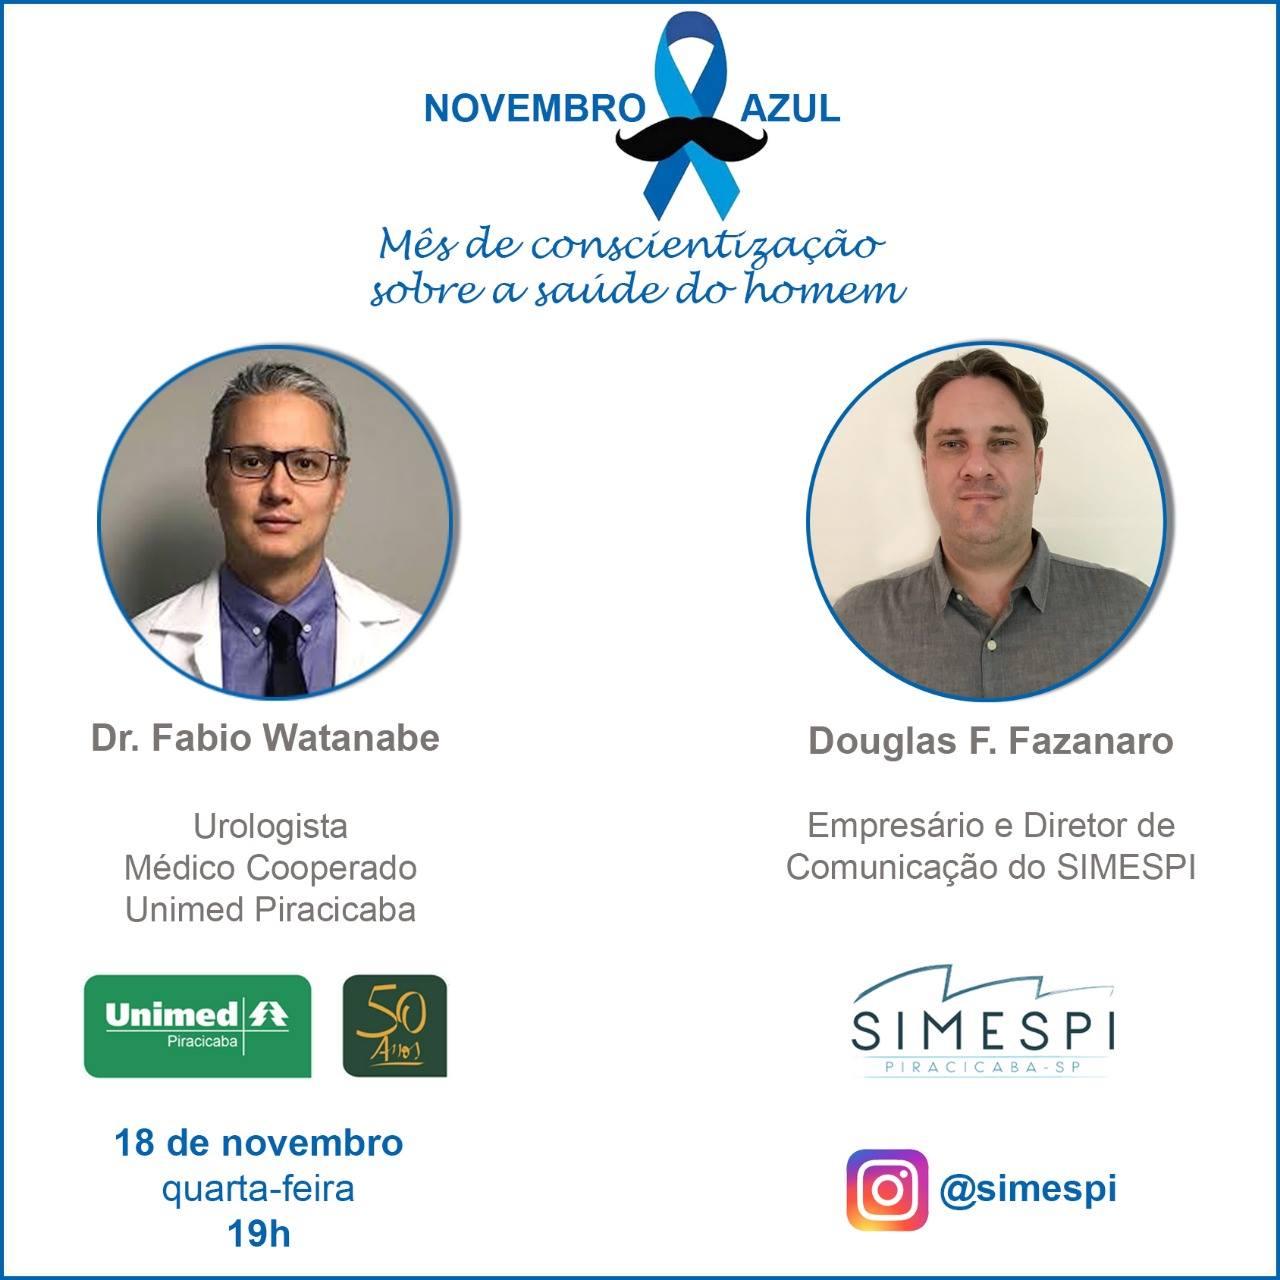 Novembro Azul – Mês de Conscientização Sobre a Saúde do Homem